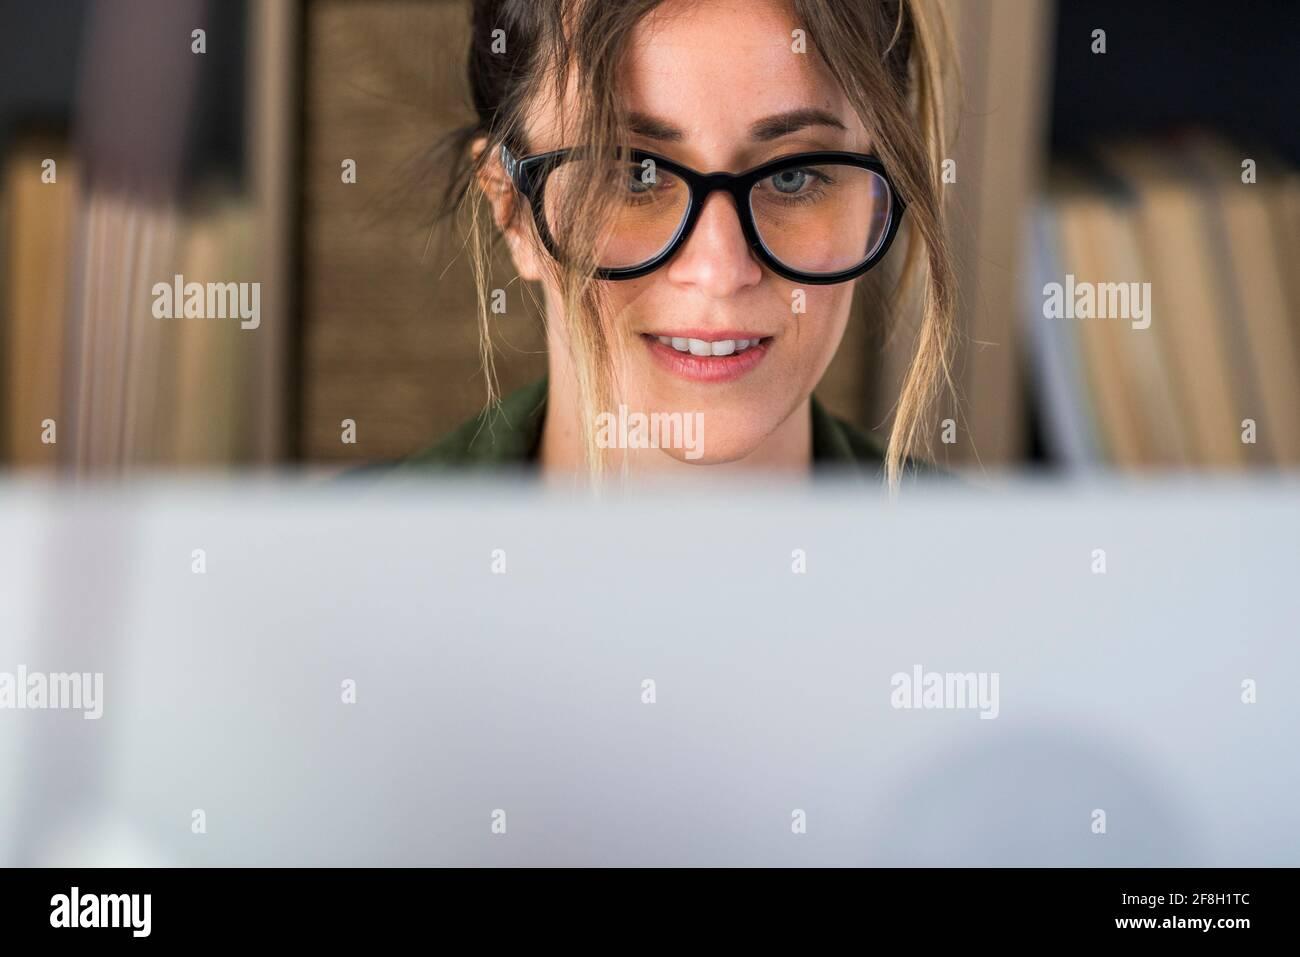 Kopf Schuss angenehm glücklich junge Frau Freiberufler arbeiten am Computer zu Hause. Attraktive Geschäftsfrau studieren online, mit Laptop-Software, Web-Surfen Stockfoto